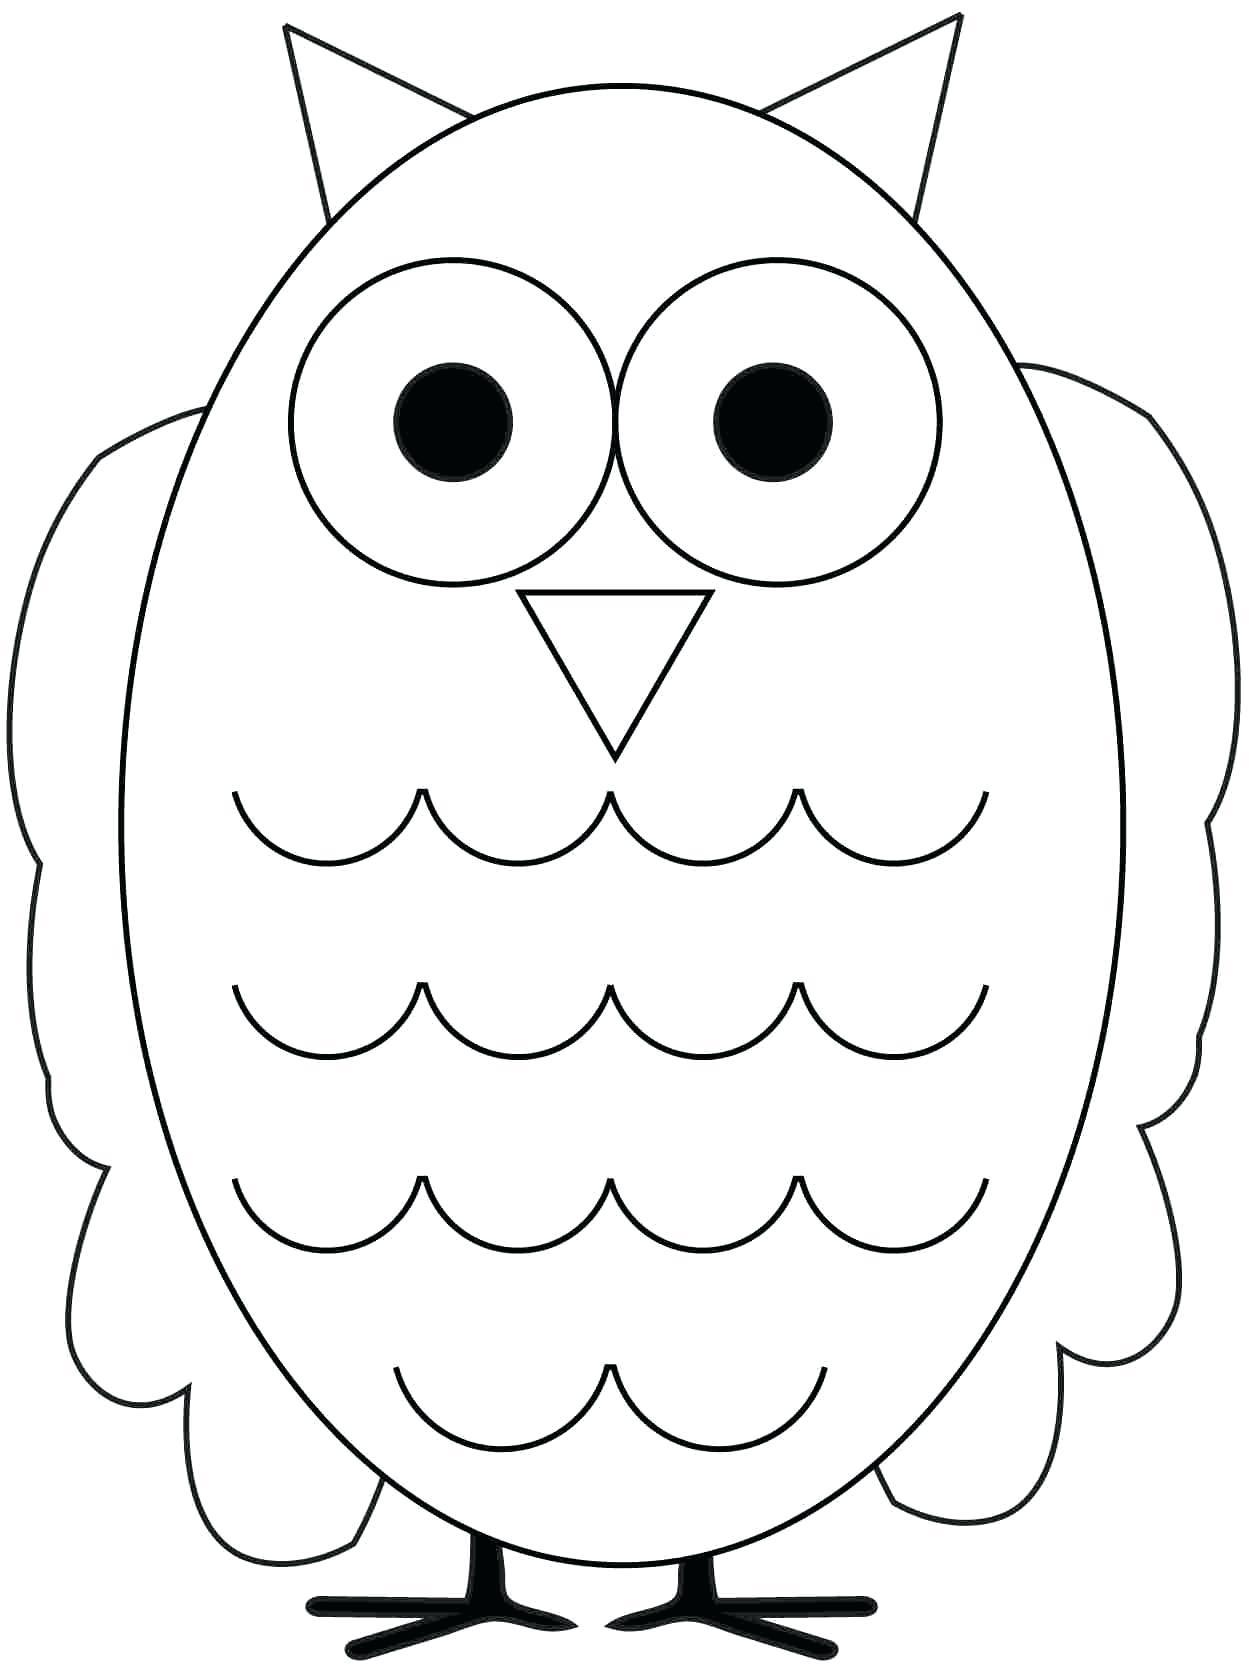 1249x1676 Printable Printable Owl Template Coloring Page